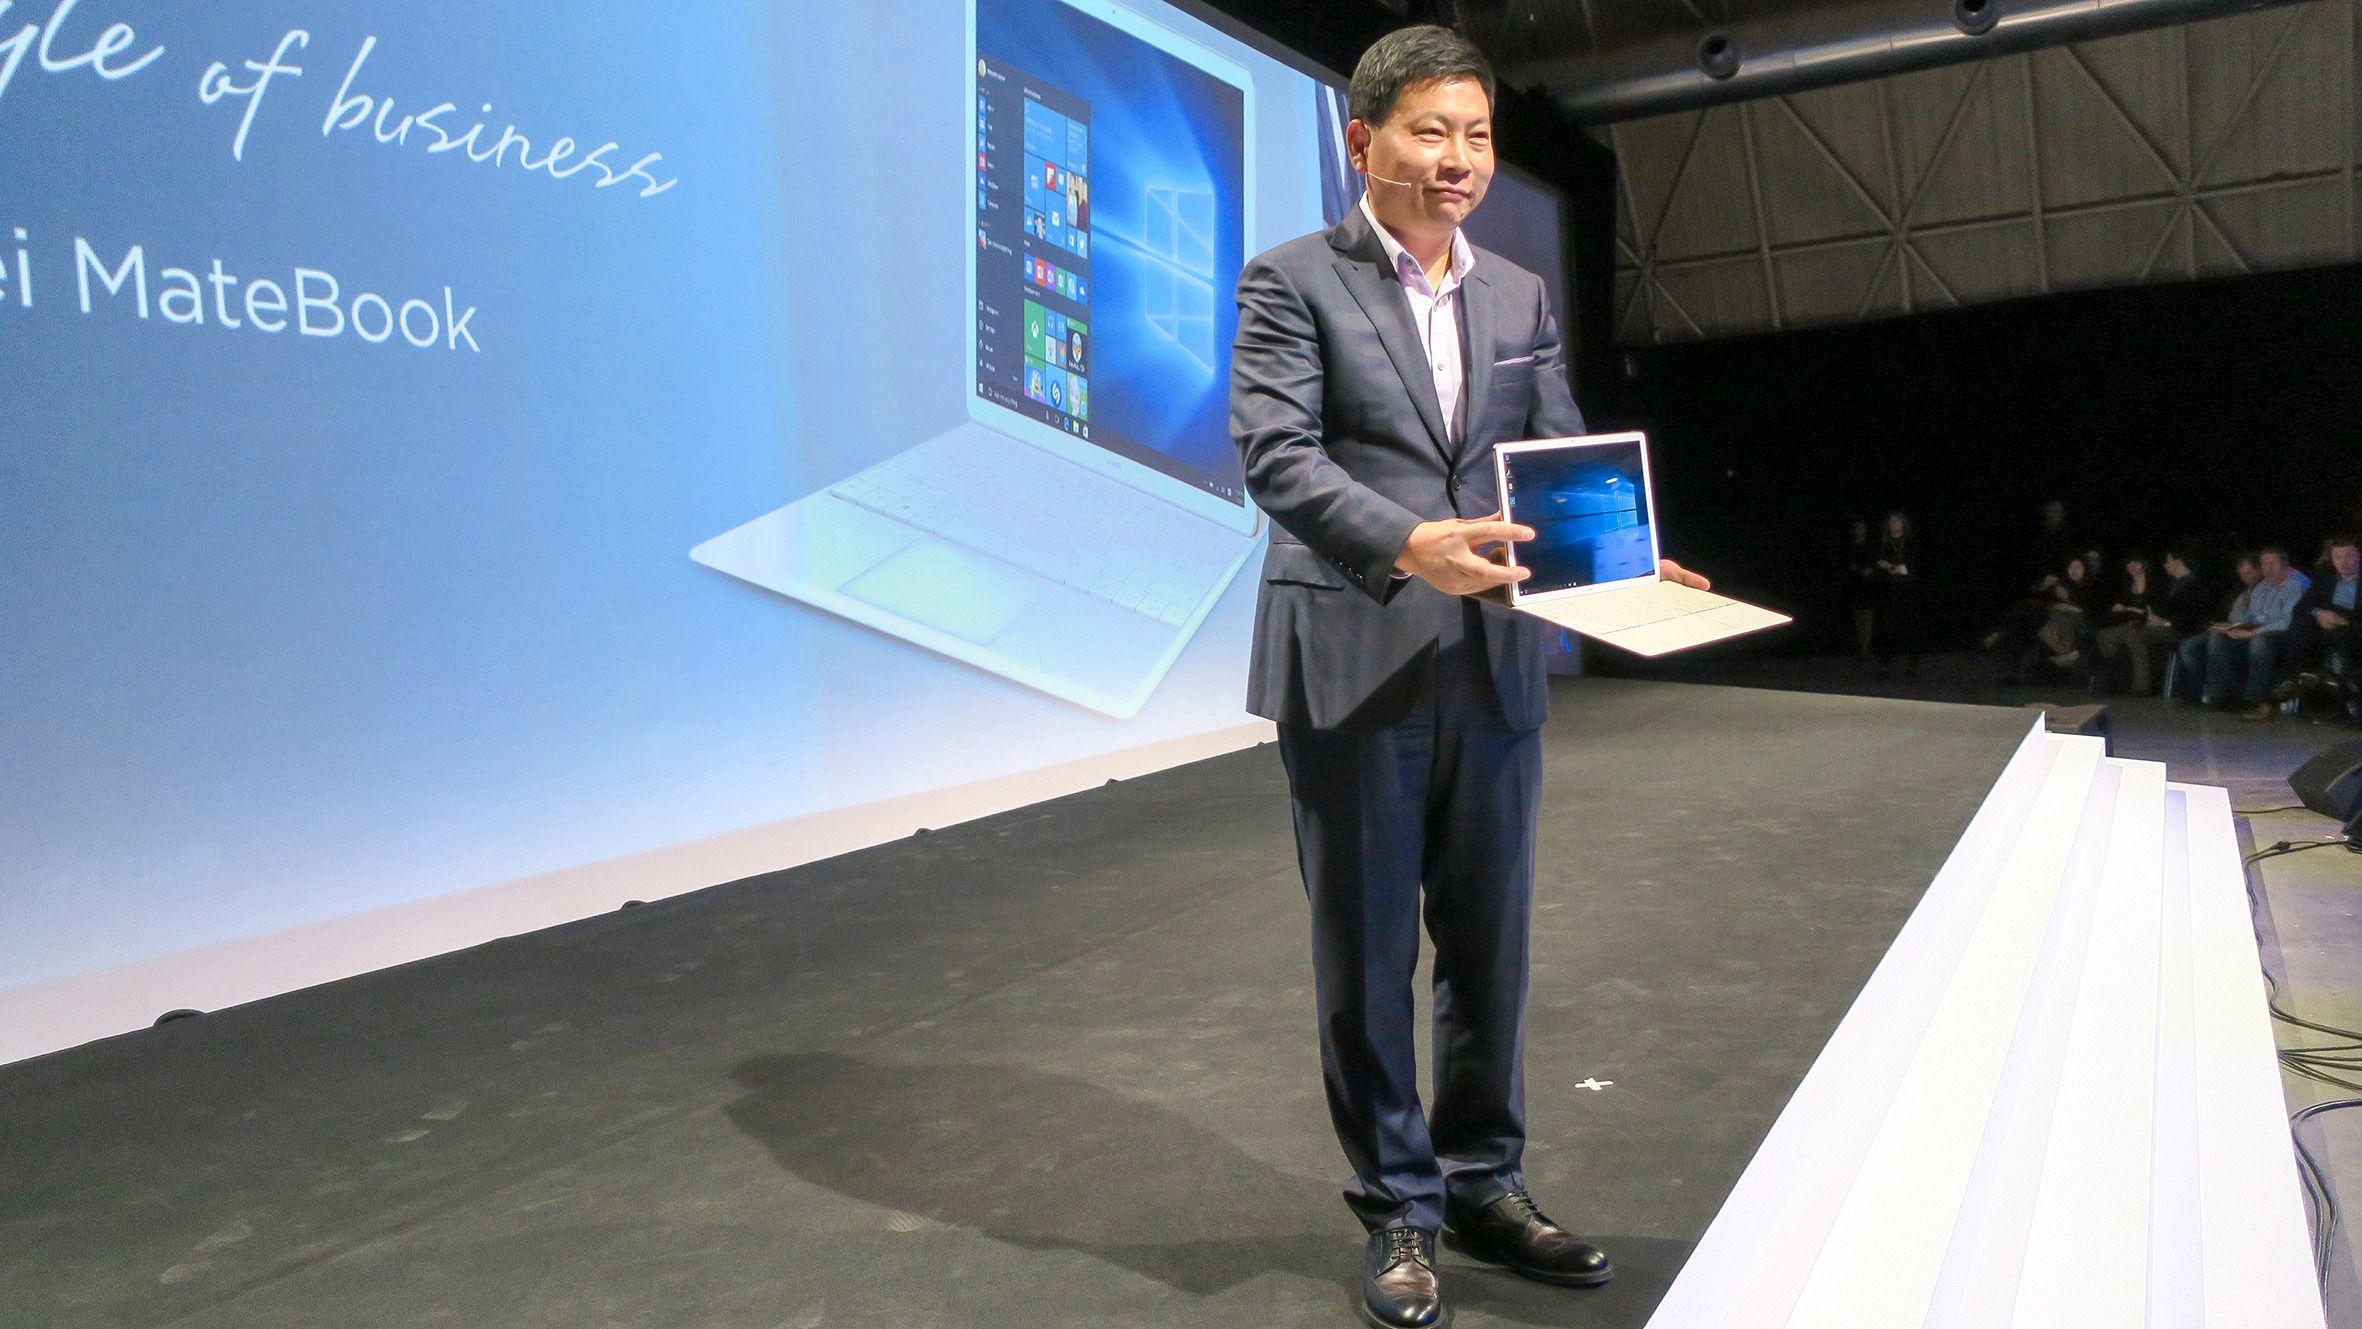 Richard Yu: Se hva jeg har til dere. Det nye nettbrettet/PCen slår alle konkurrentene ned i støvlene i følge sjefen for devicer, Richard Yu. ORV